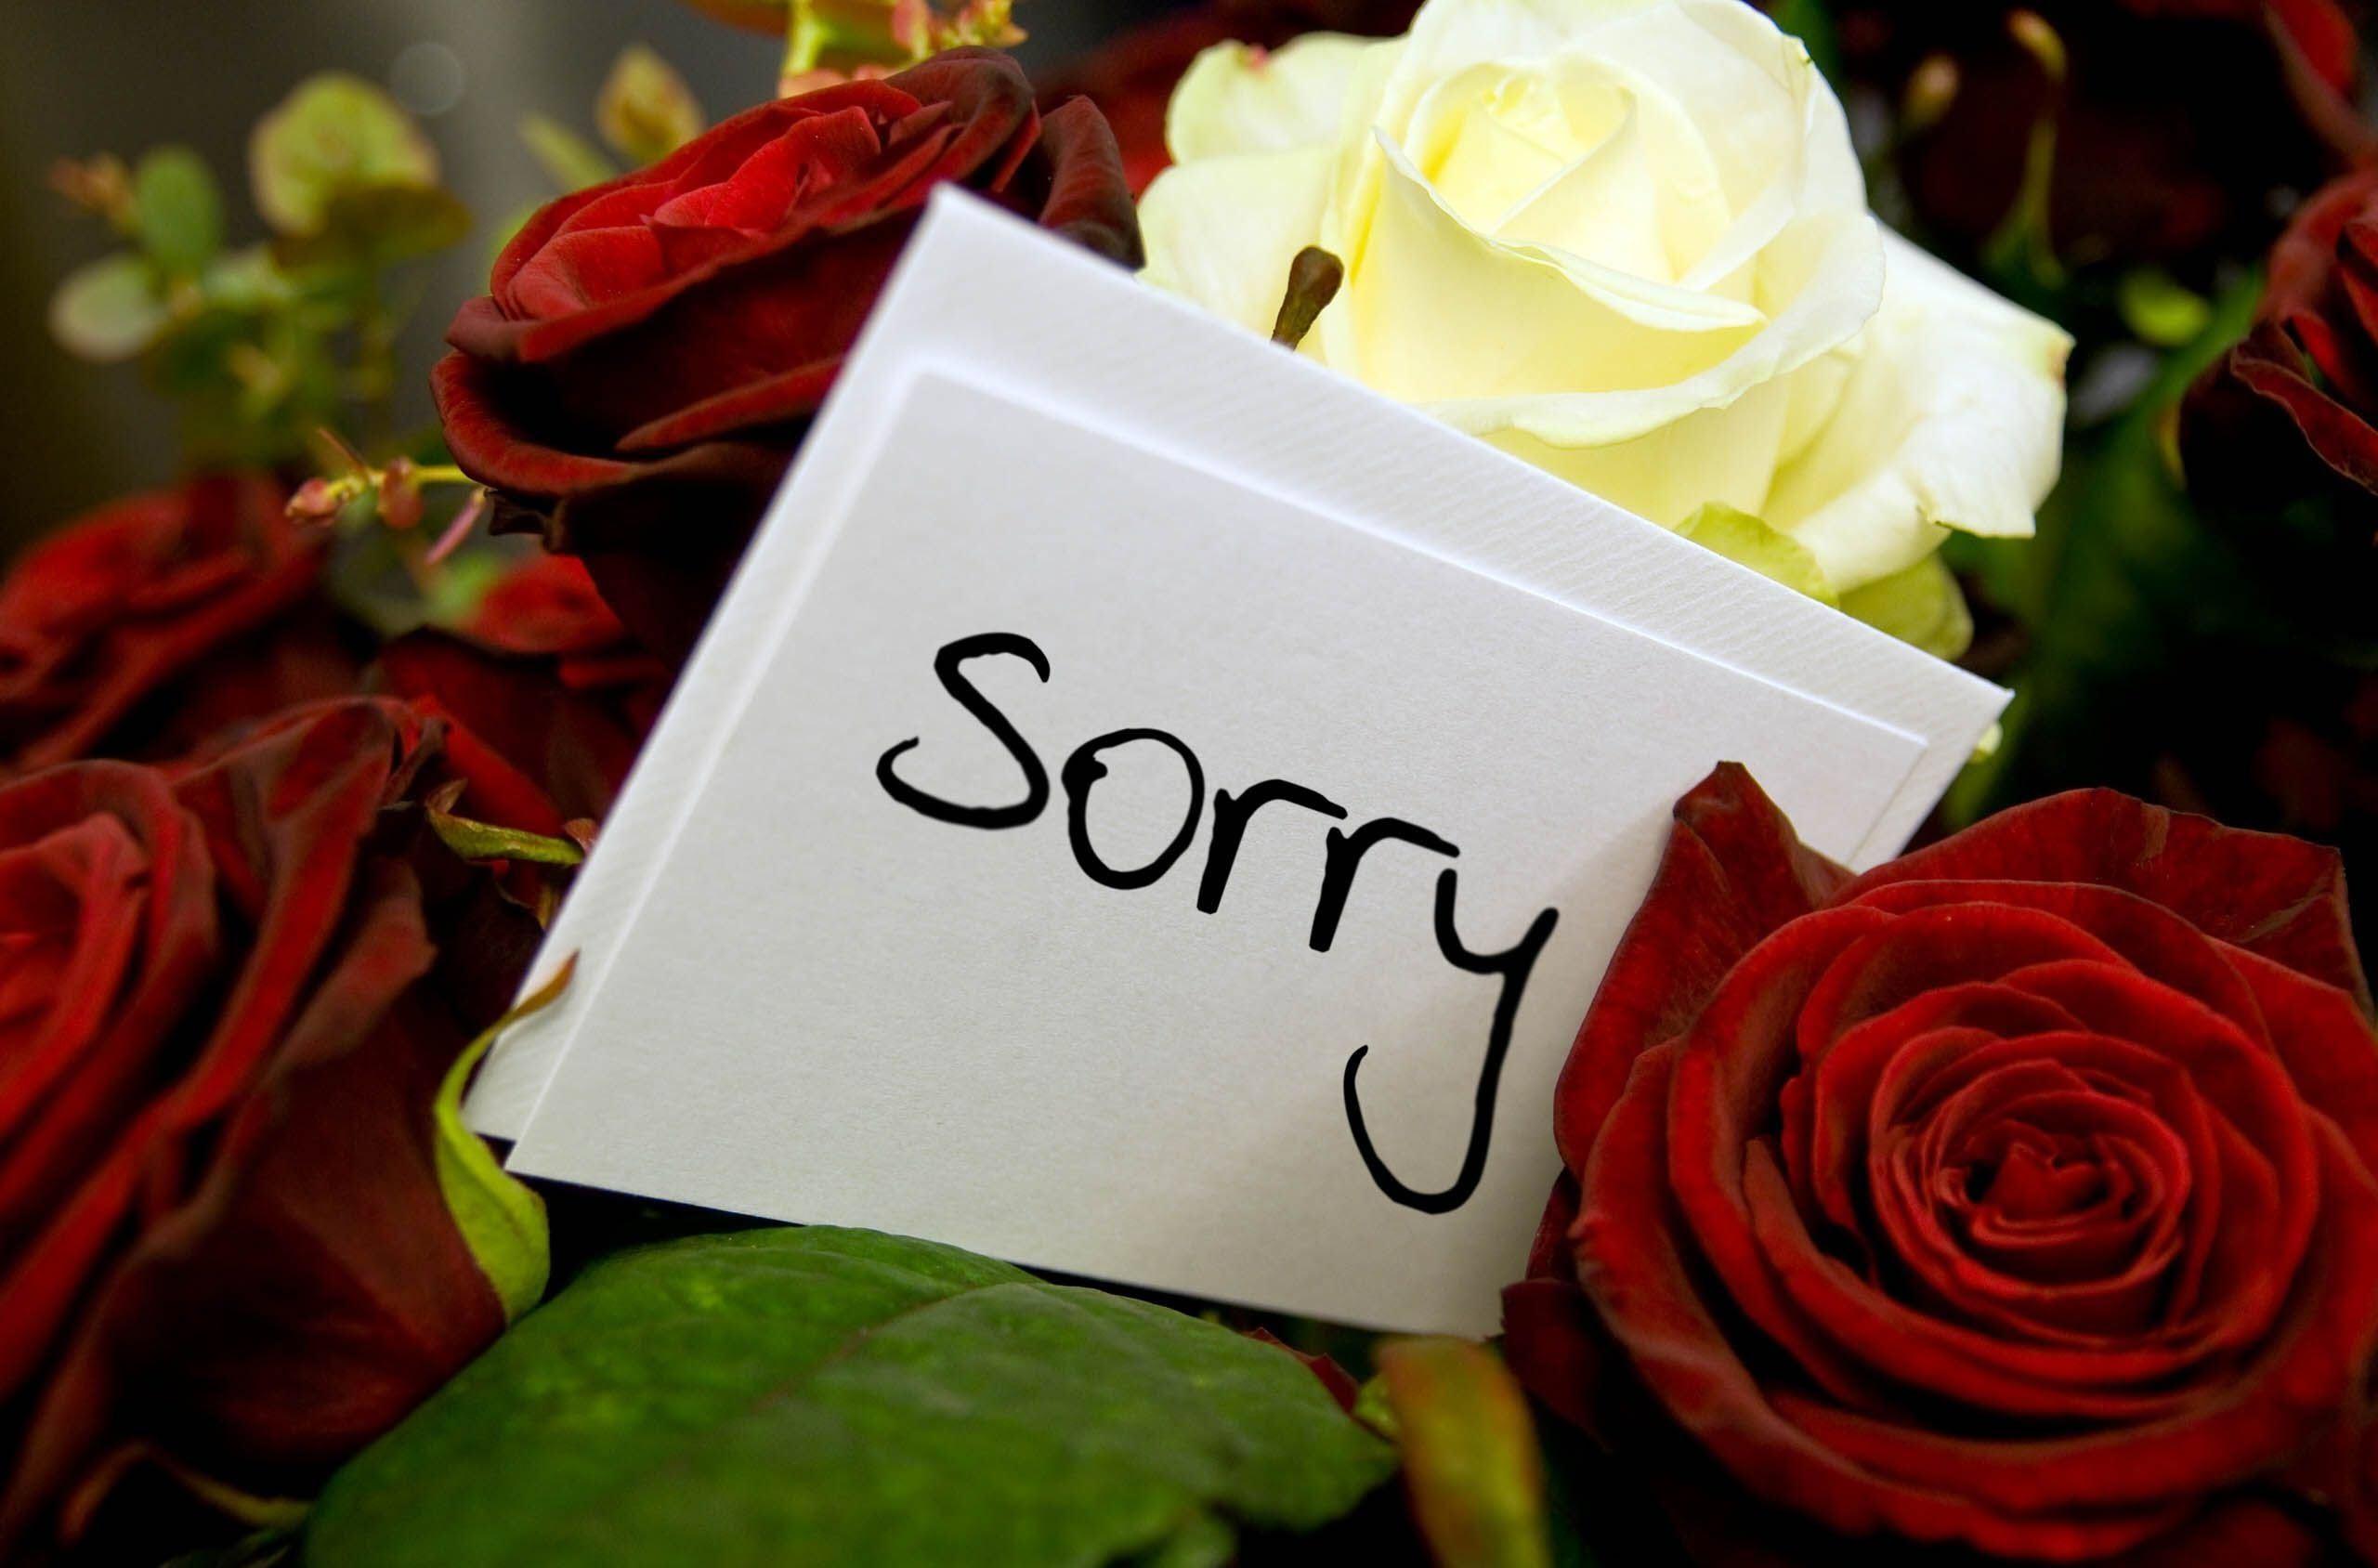 Hình ảnh hoa hồng và thiệp xin lỗi